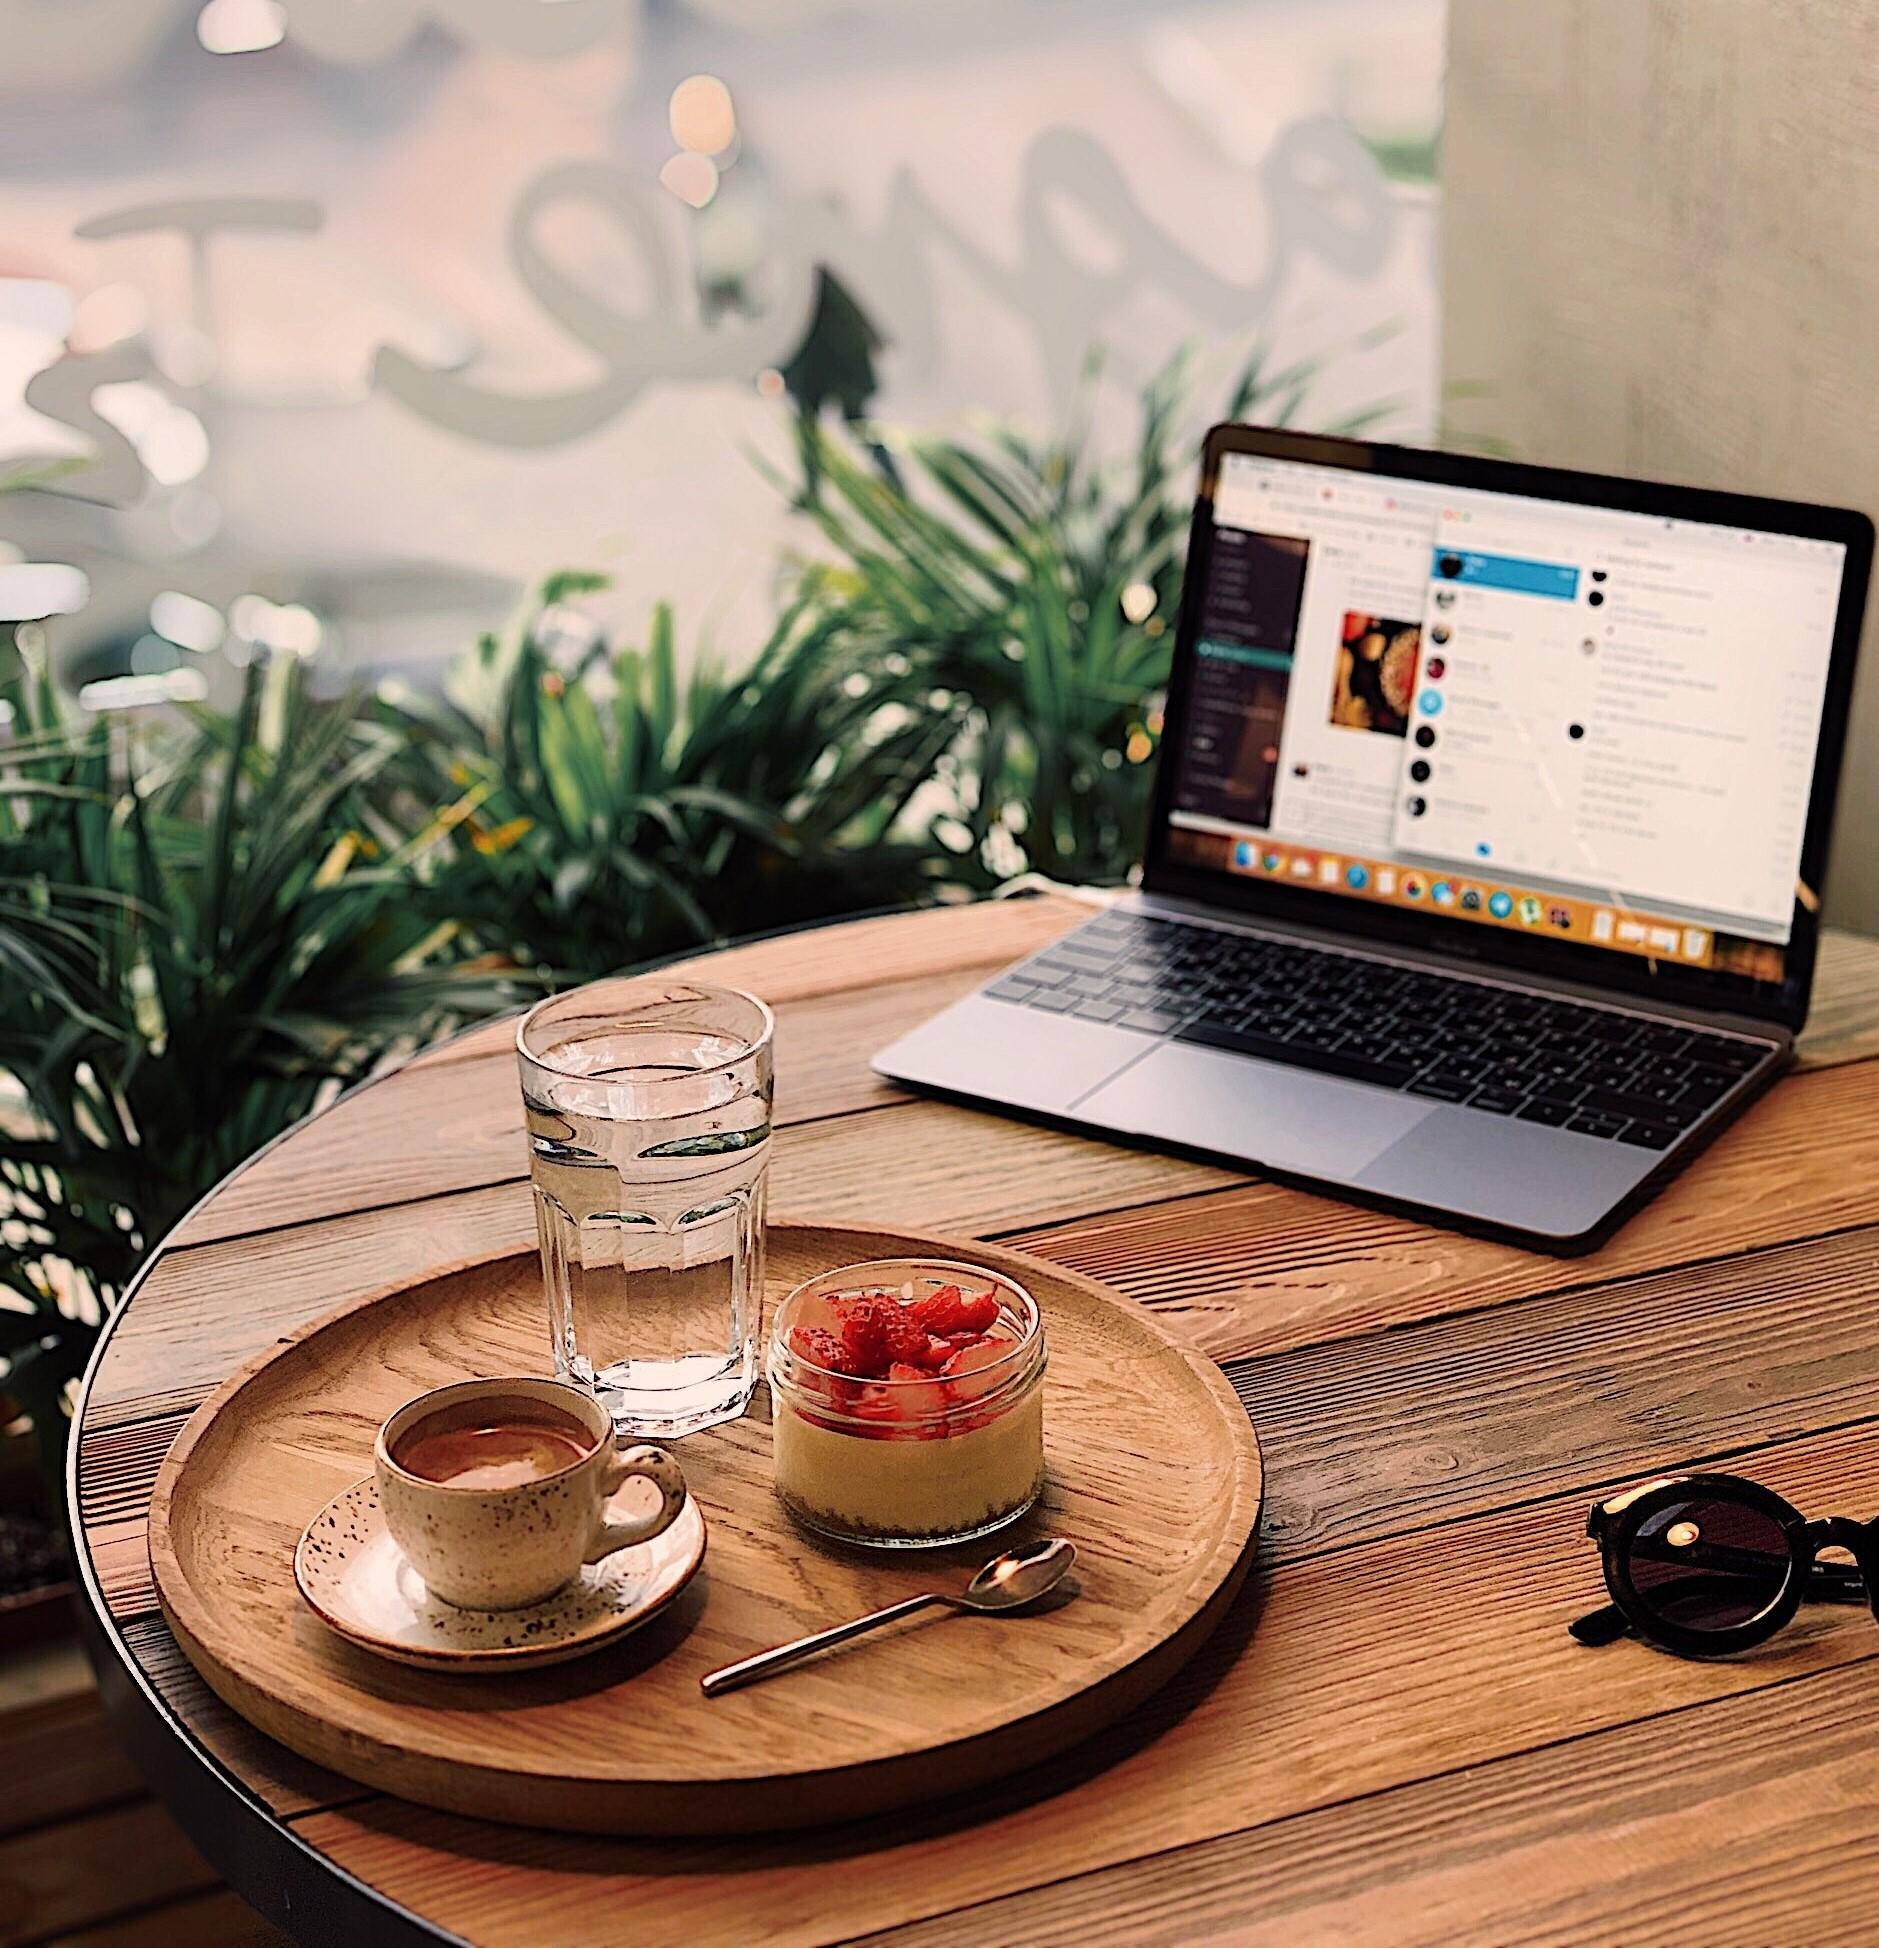 Laptop na stoliku w kawiarni, a obok taca z kawą i deserem.